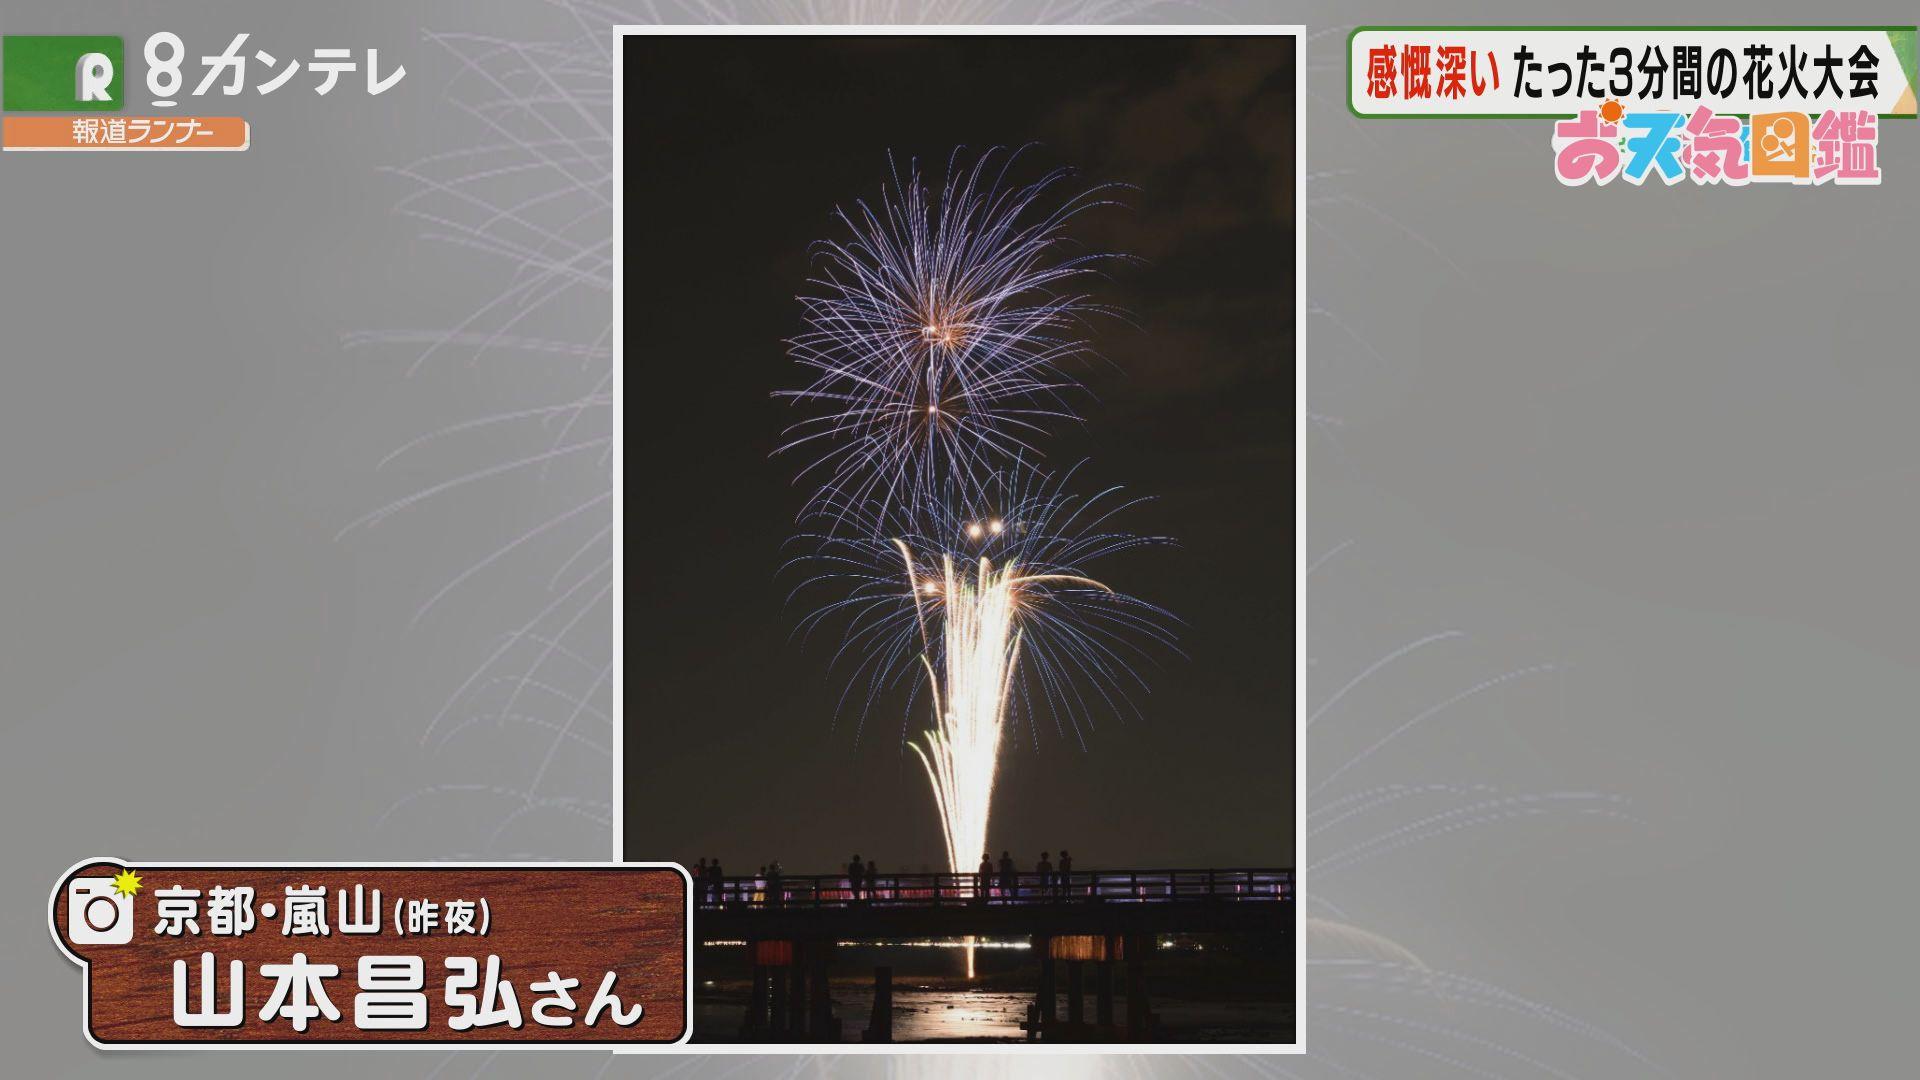 「感慨深い3分間の花火」(京都・嵐山)